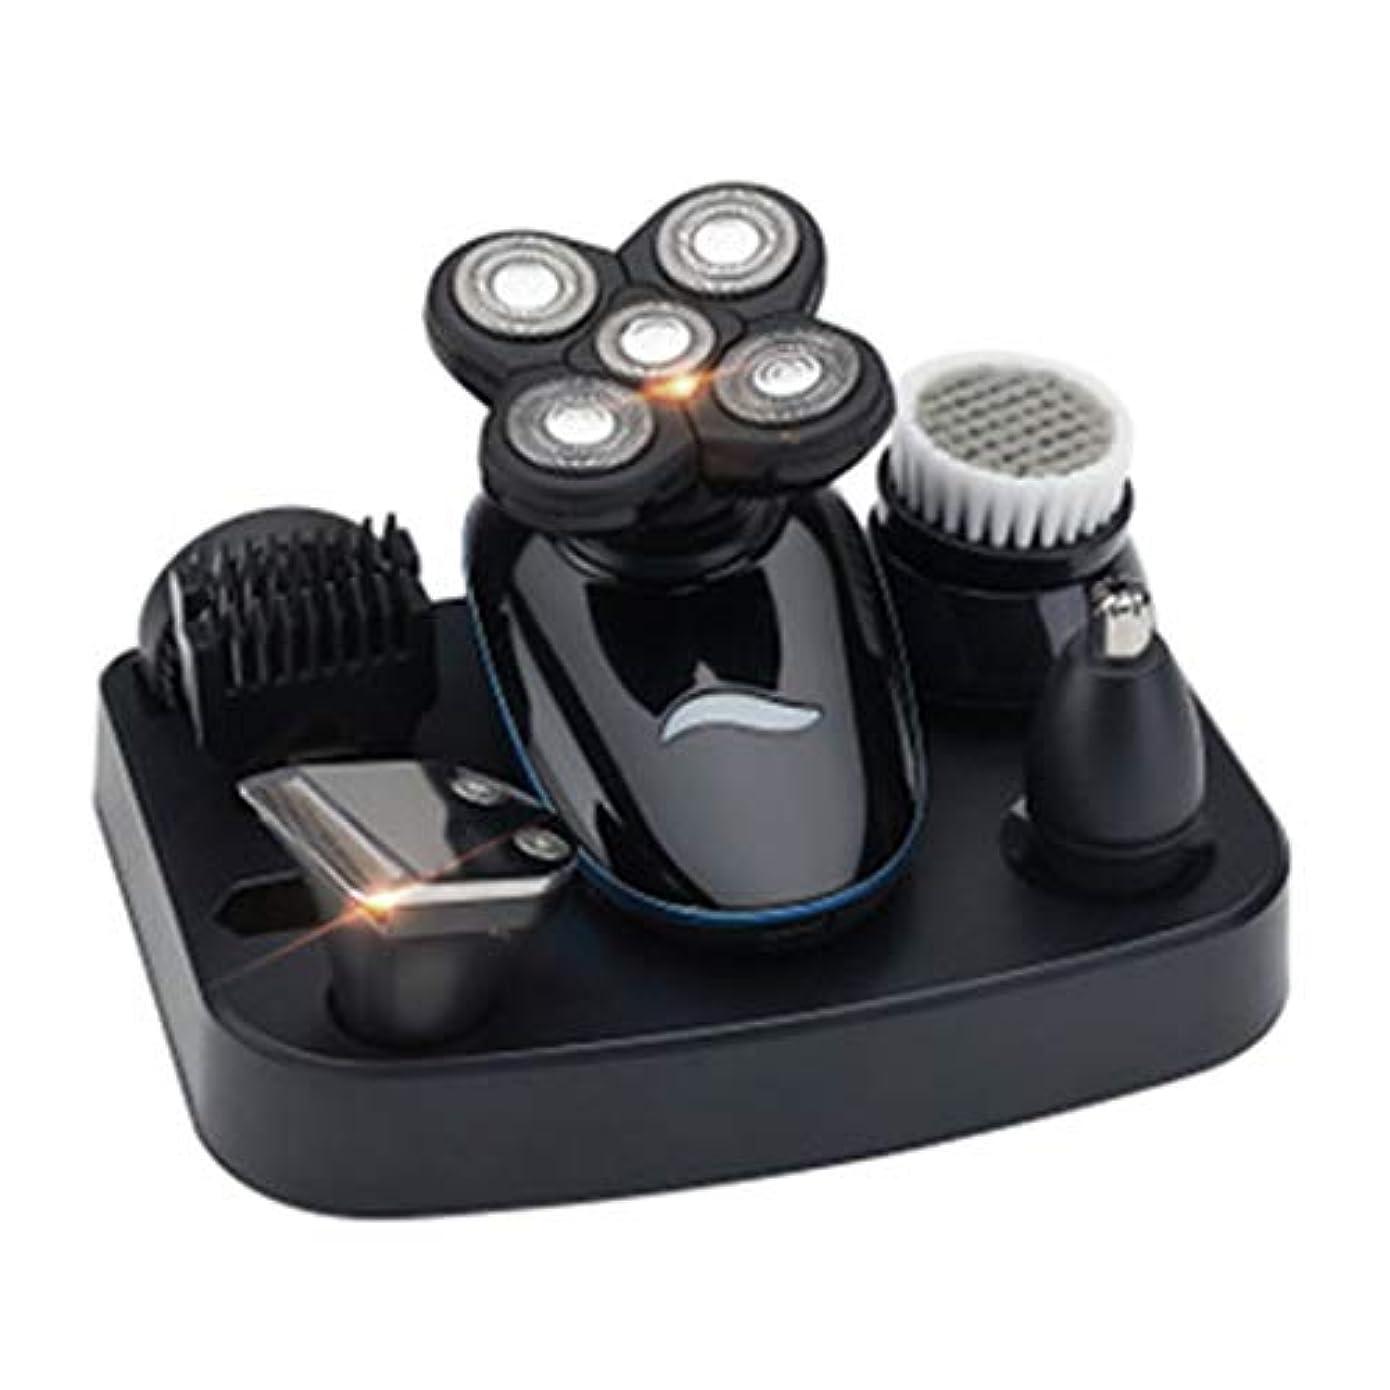 悪名高い配るモナリザひげそり 電動 メンズシェーバー,USB充電式 5 in 1 髭剃り 電気シェーバー IPX7防水 多機能 お風呂剃りドライ両用 電気シェーバー 旅行用·家庭用